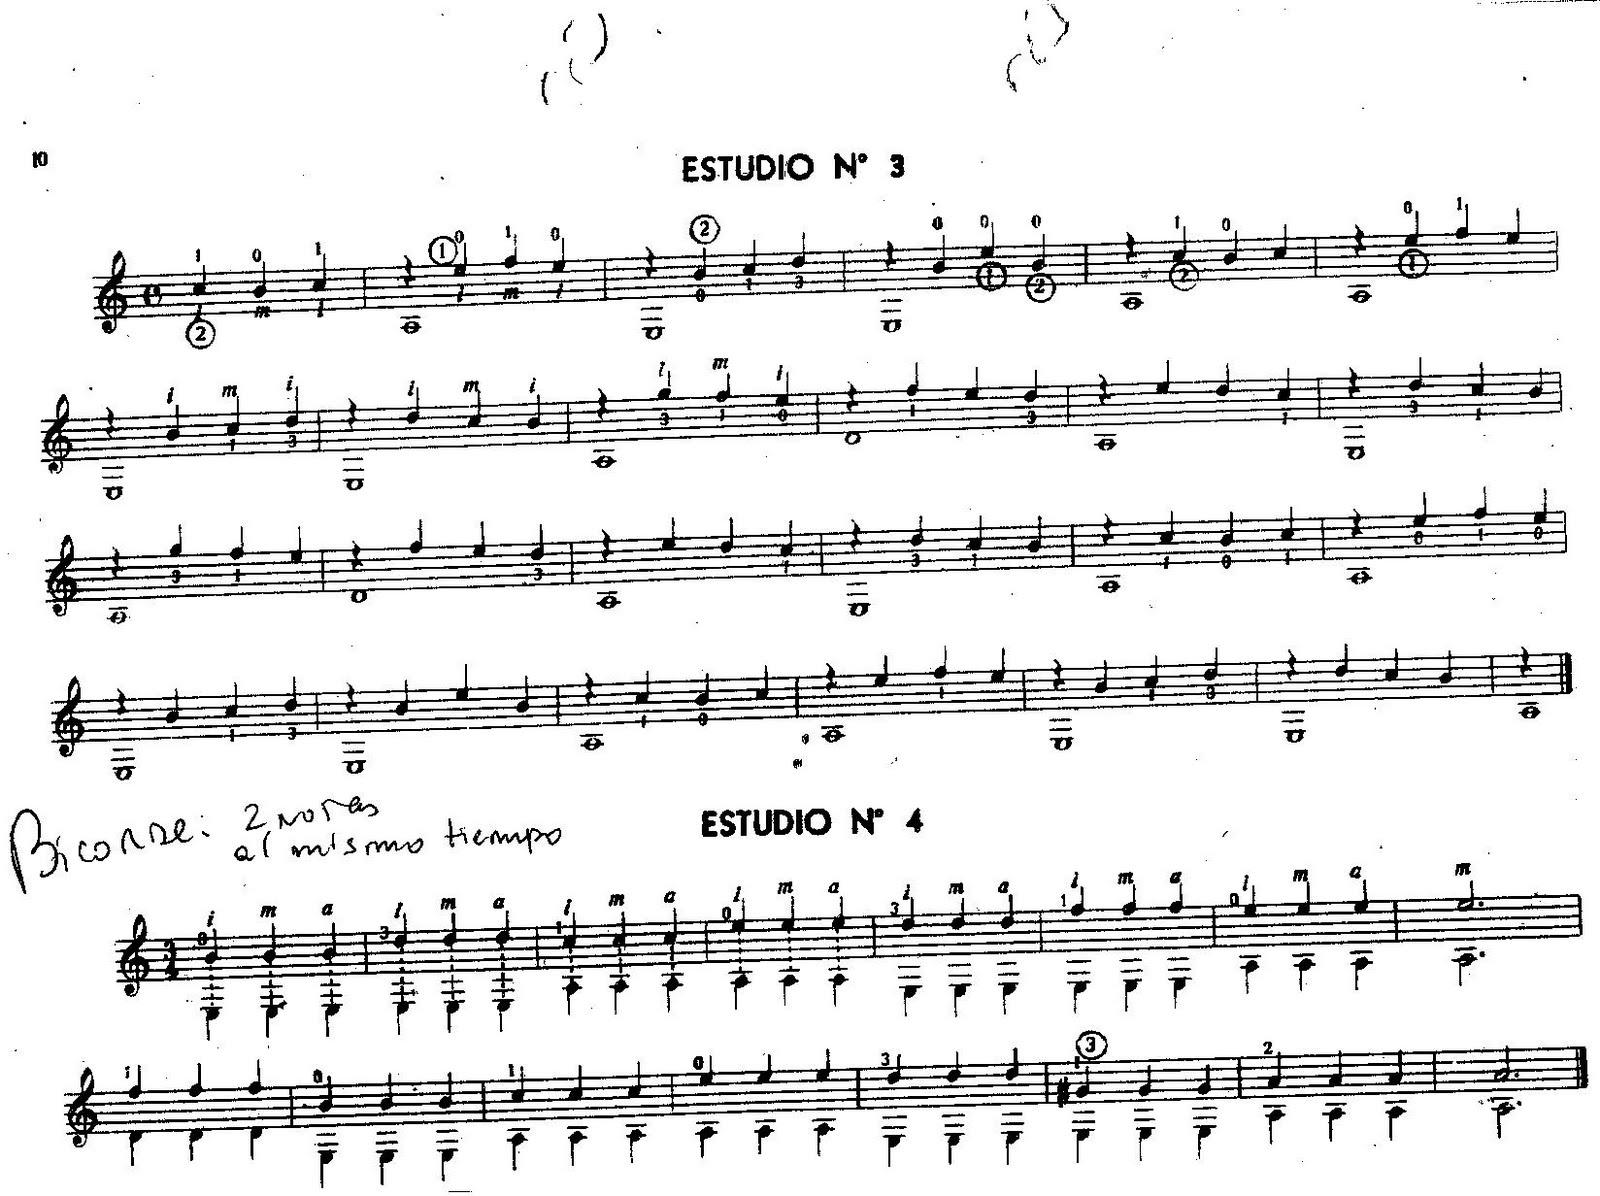 Tabela De Acordes Major Chords Tabla De Acordes Para